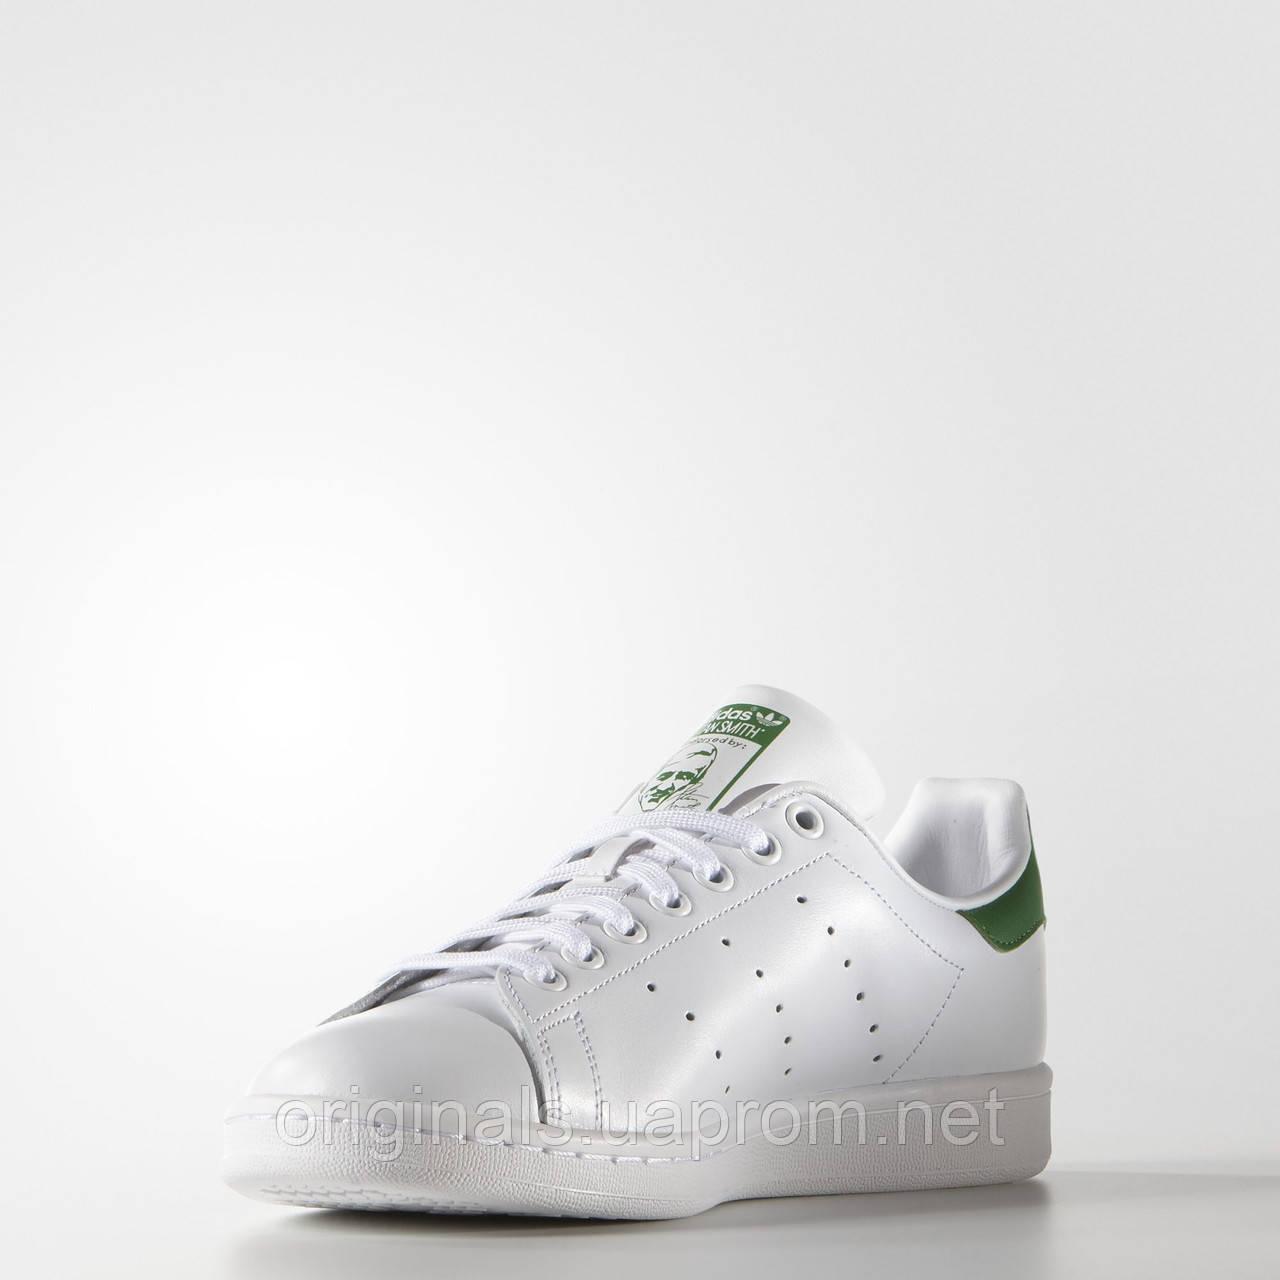 Кроссовки Adidas Stan Smith Originals M20324